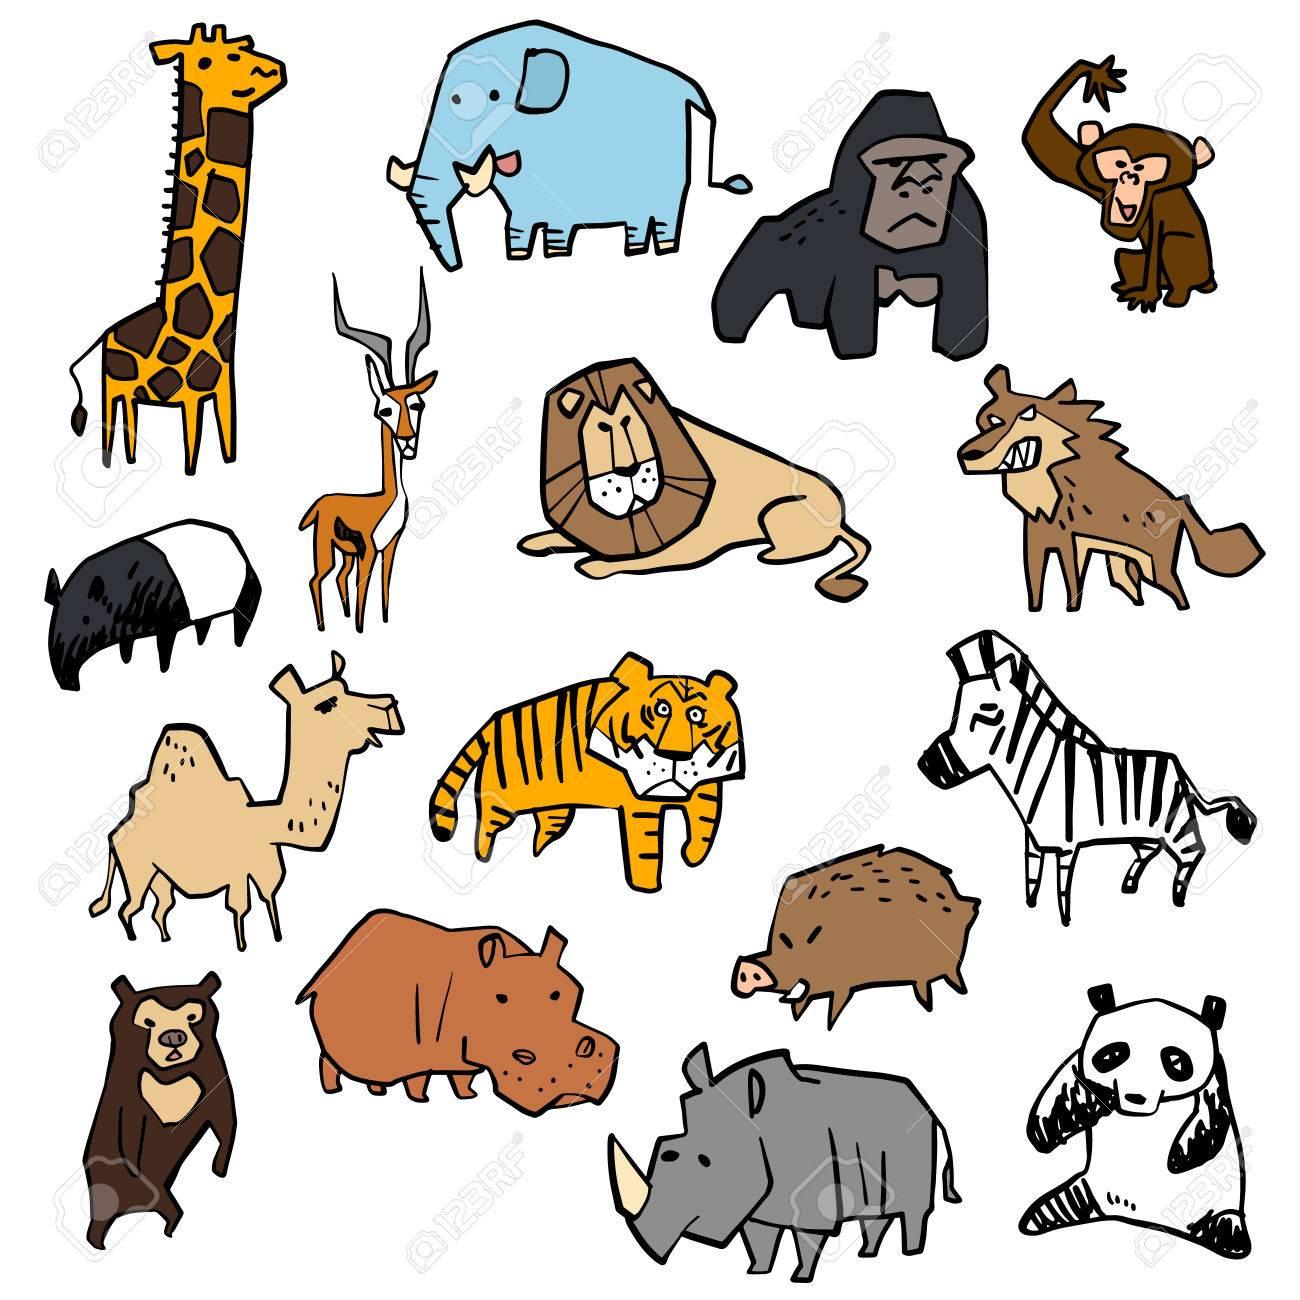 さまざまな動物のイラストのイラスト素材・ベクタ - Image 23978144.